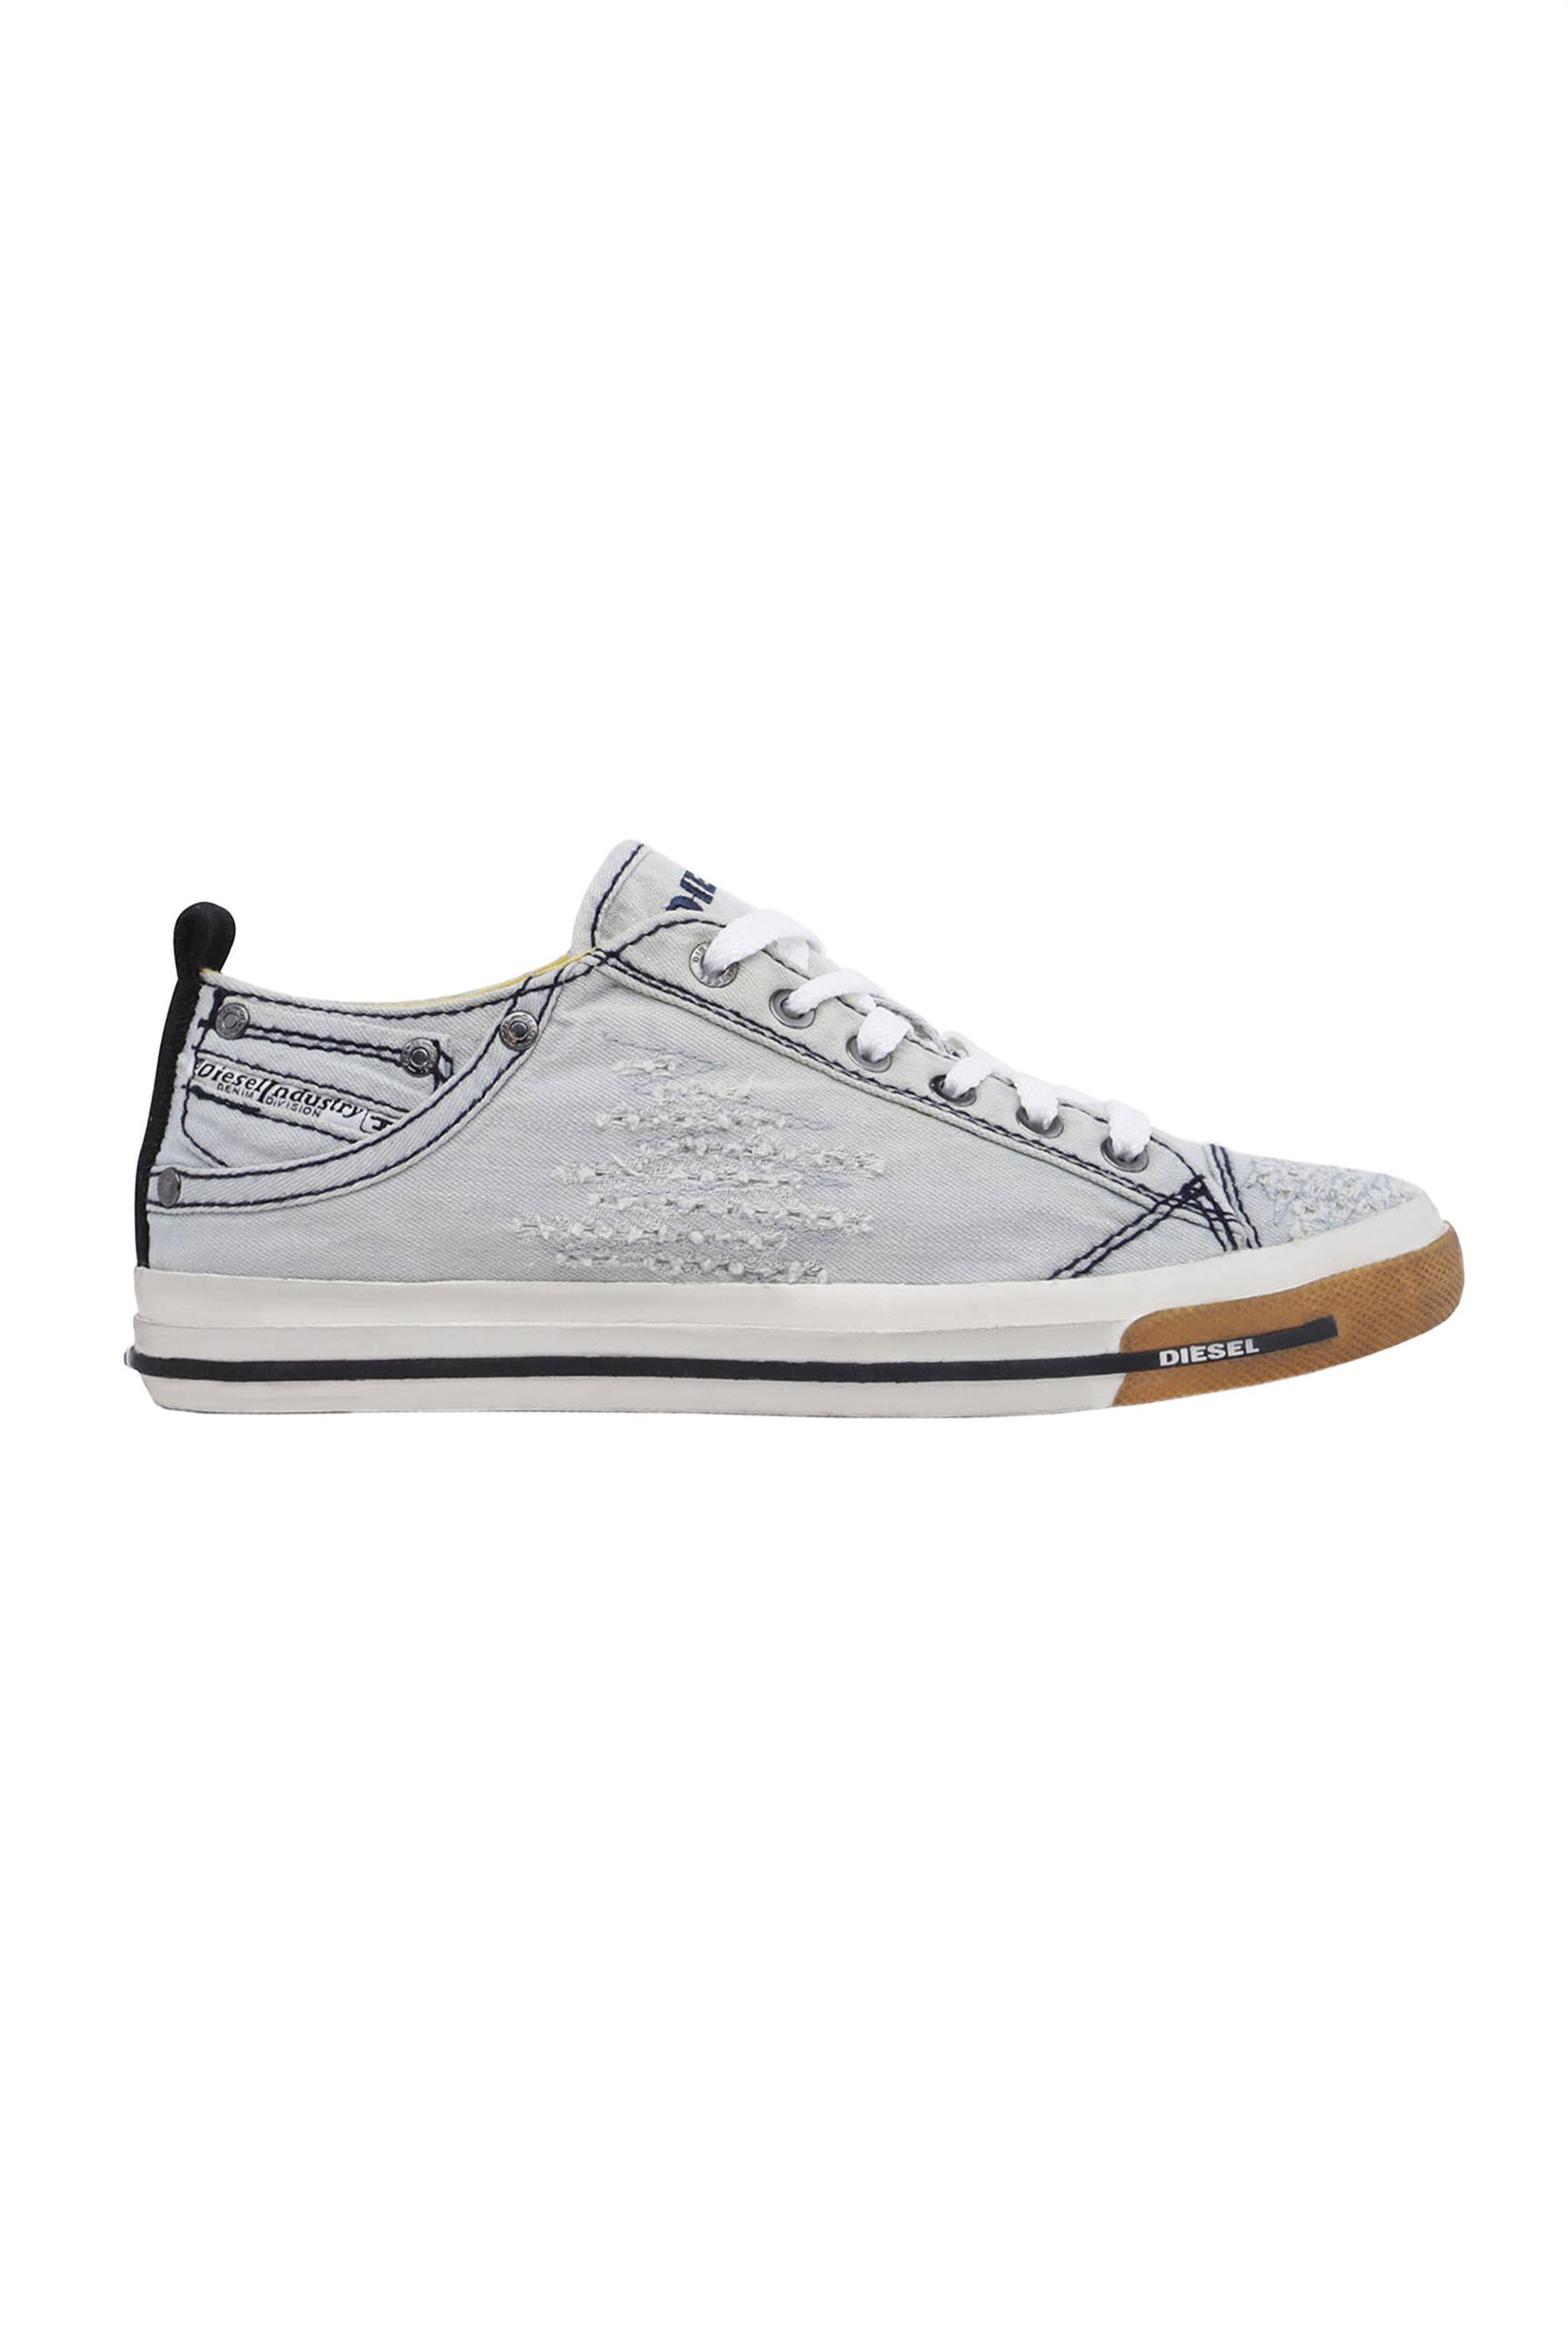 94eced061af Notos Diesel γυναικεία sneakers denim Exposure iv low – Y00637 P2055 –  Γαλάζιο